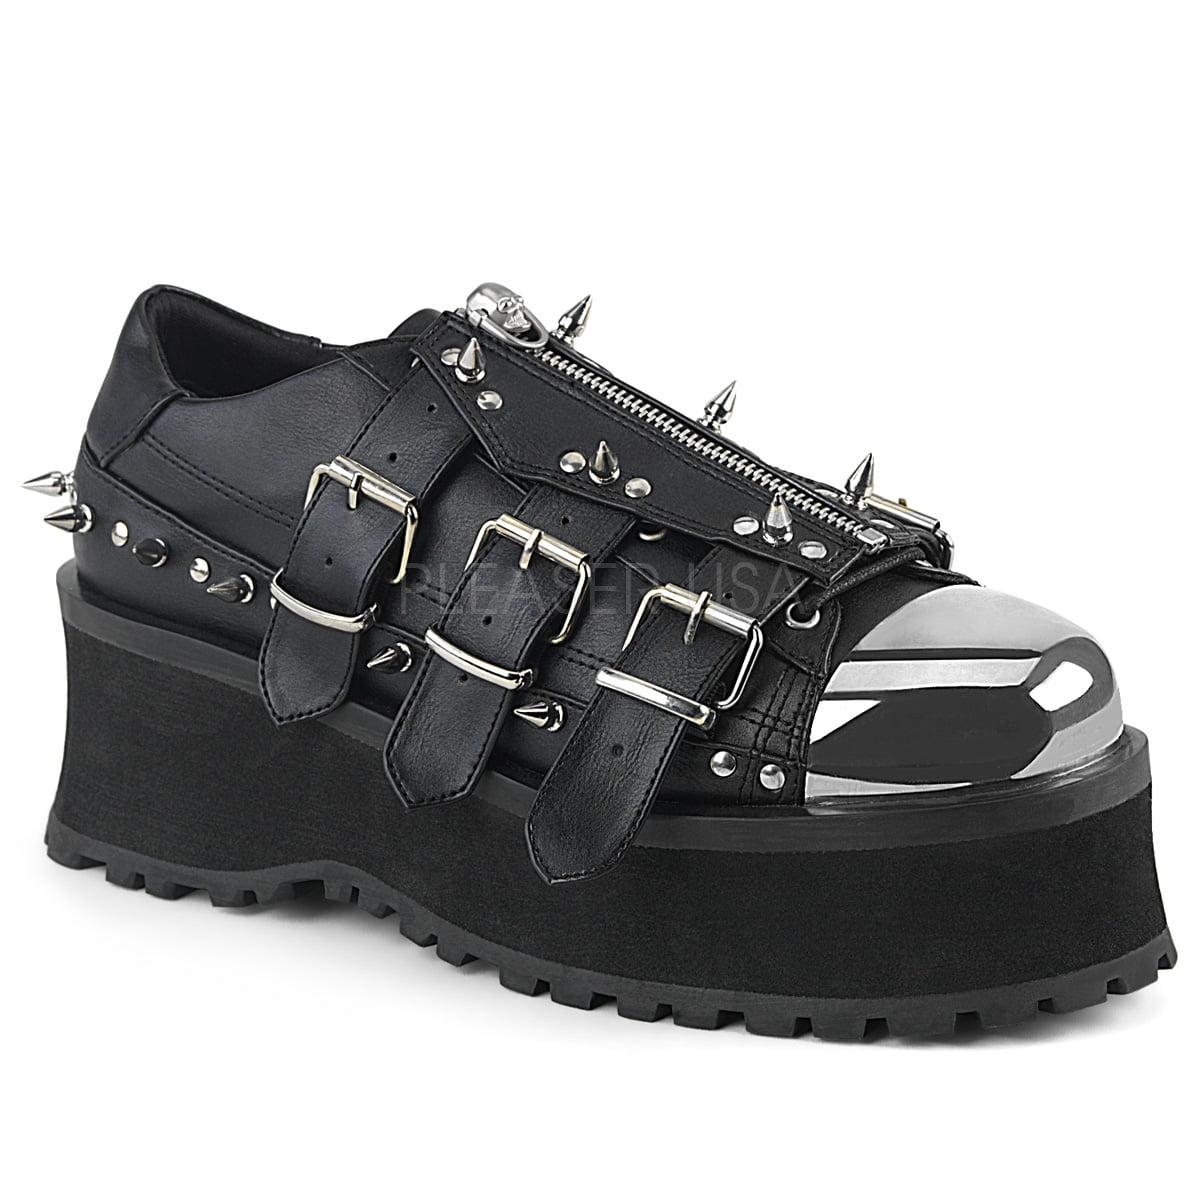 GRAVEDIGGER-03, 2 3/4'' Platform Lace-Up Shoe